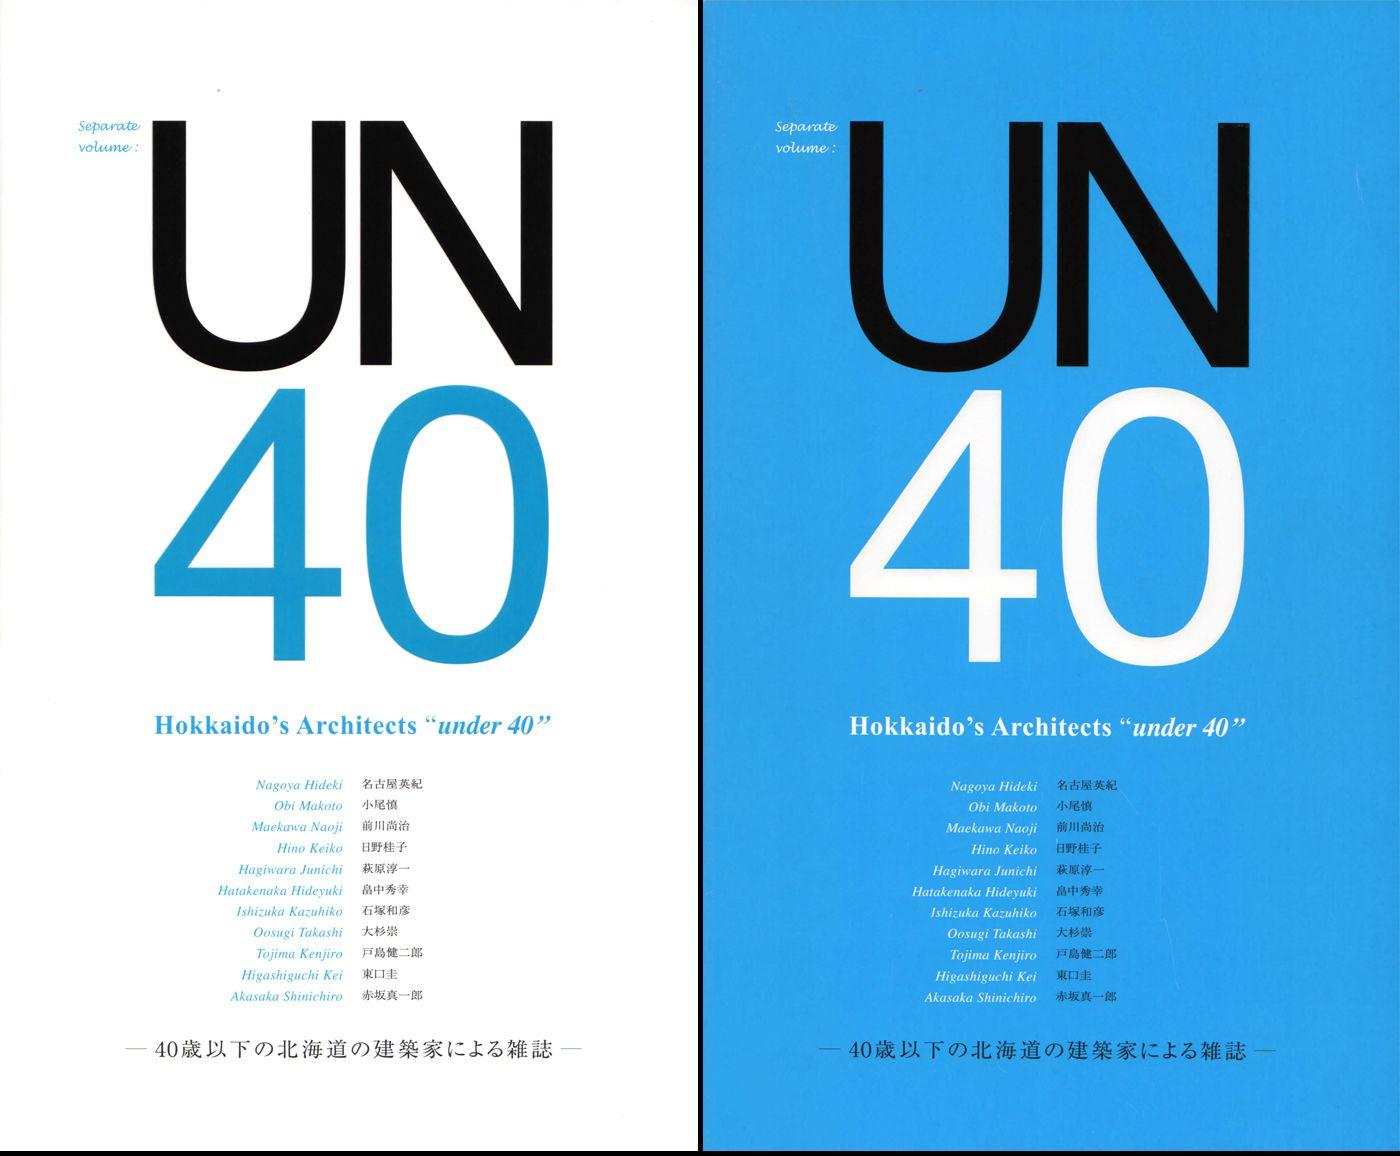 40歳以下の北海道の建築家による雑誌